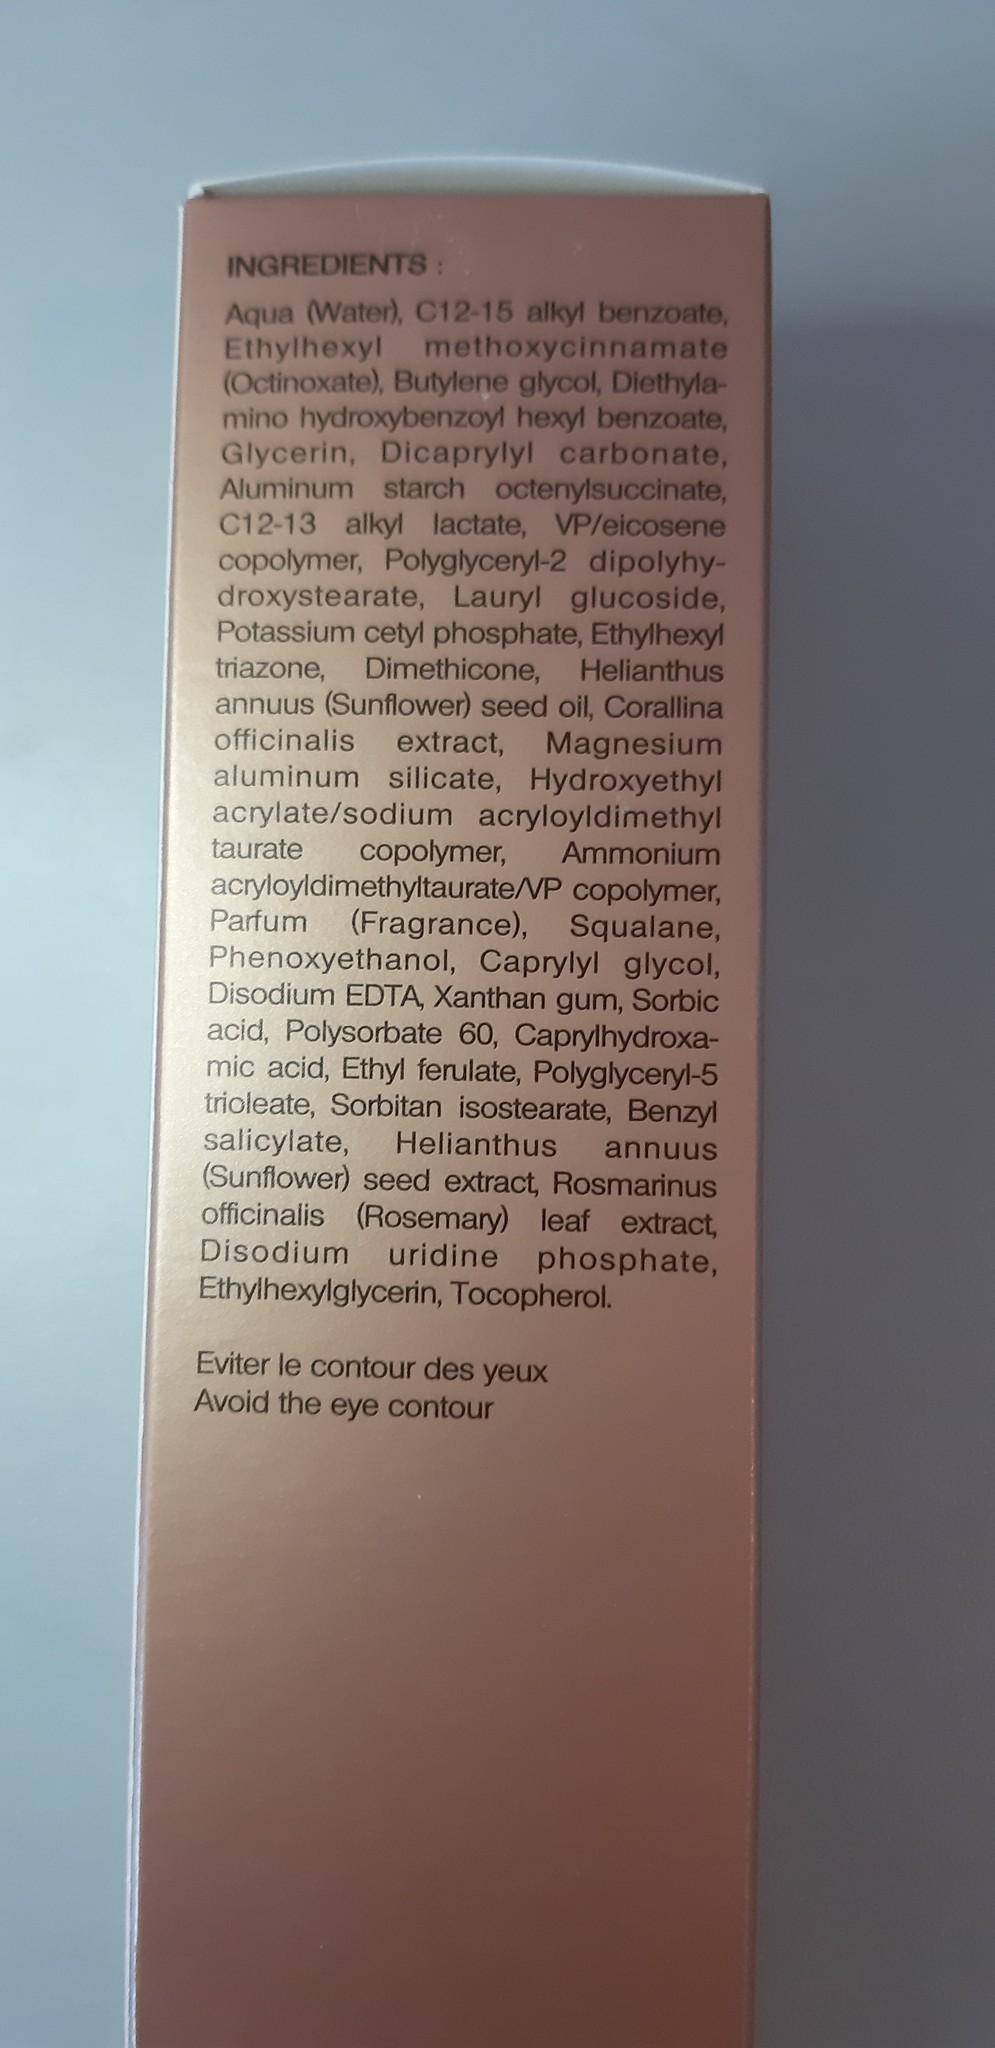 Sothys Fluide Visage et Corps SPF20 voor gelaat en lichaam